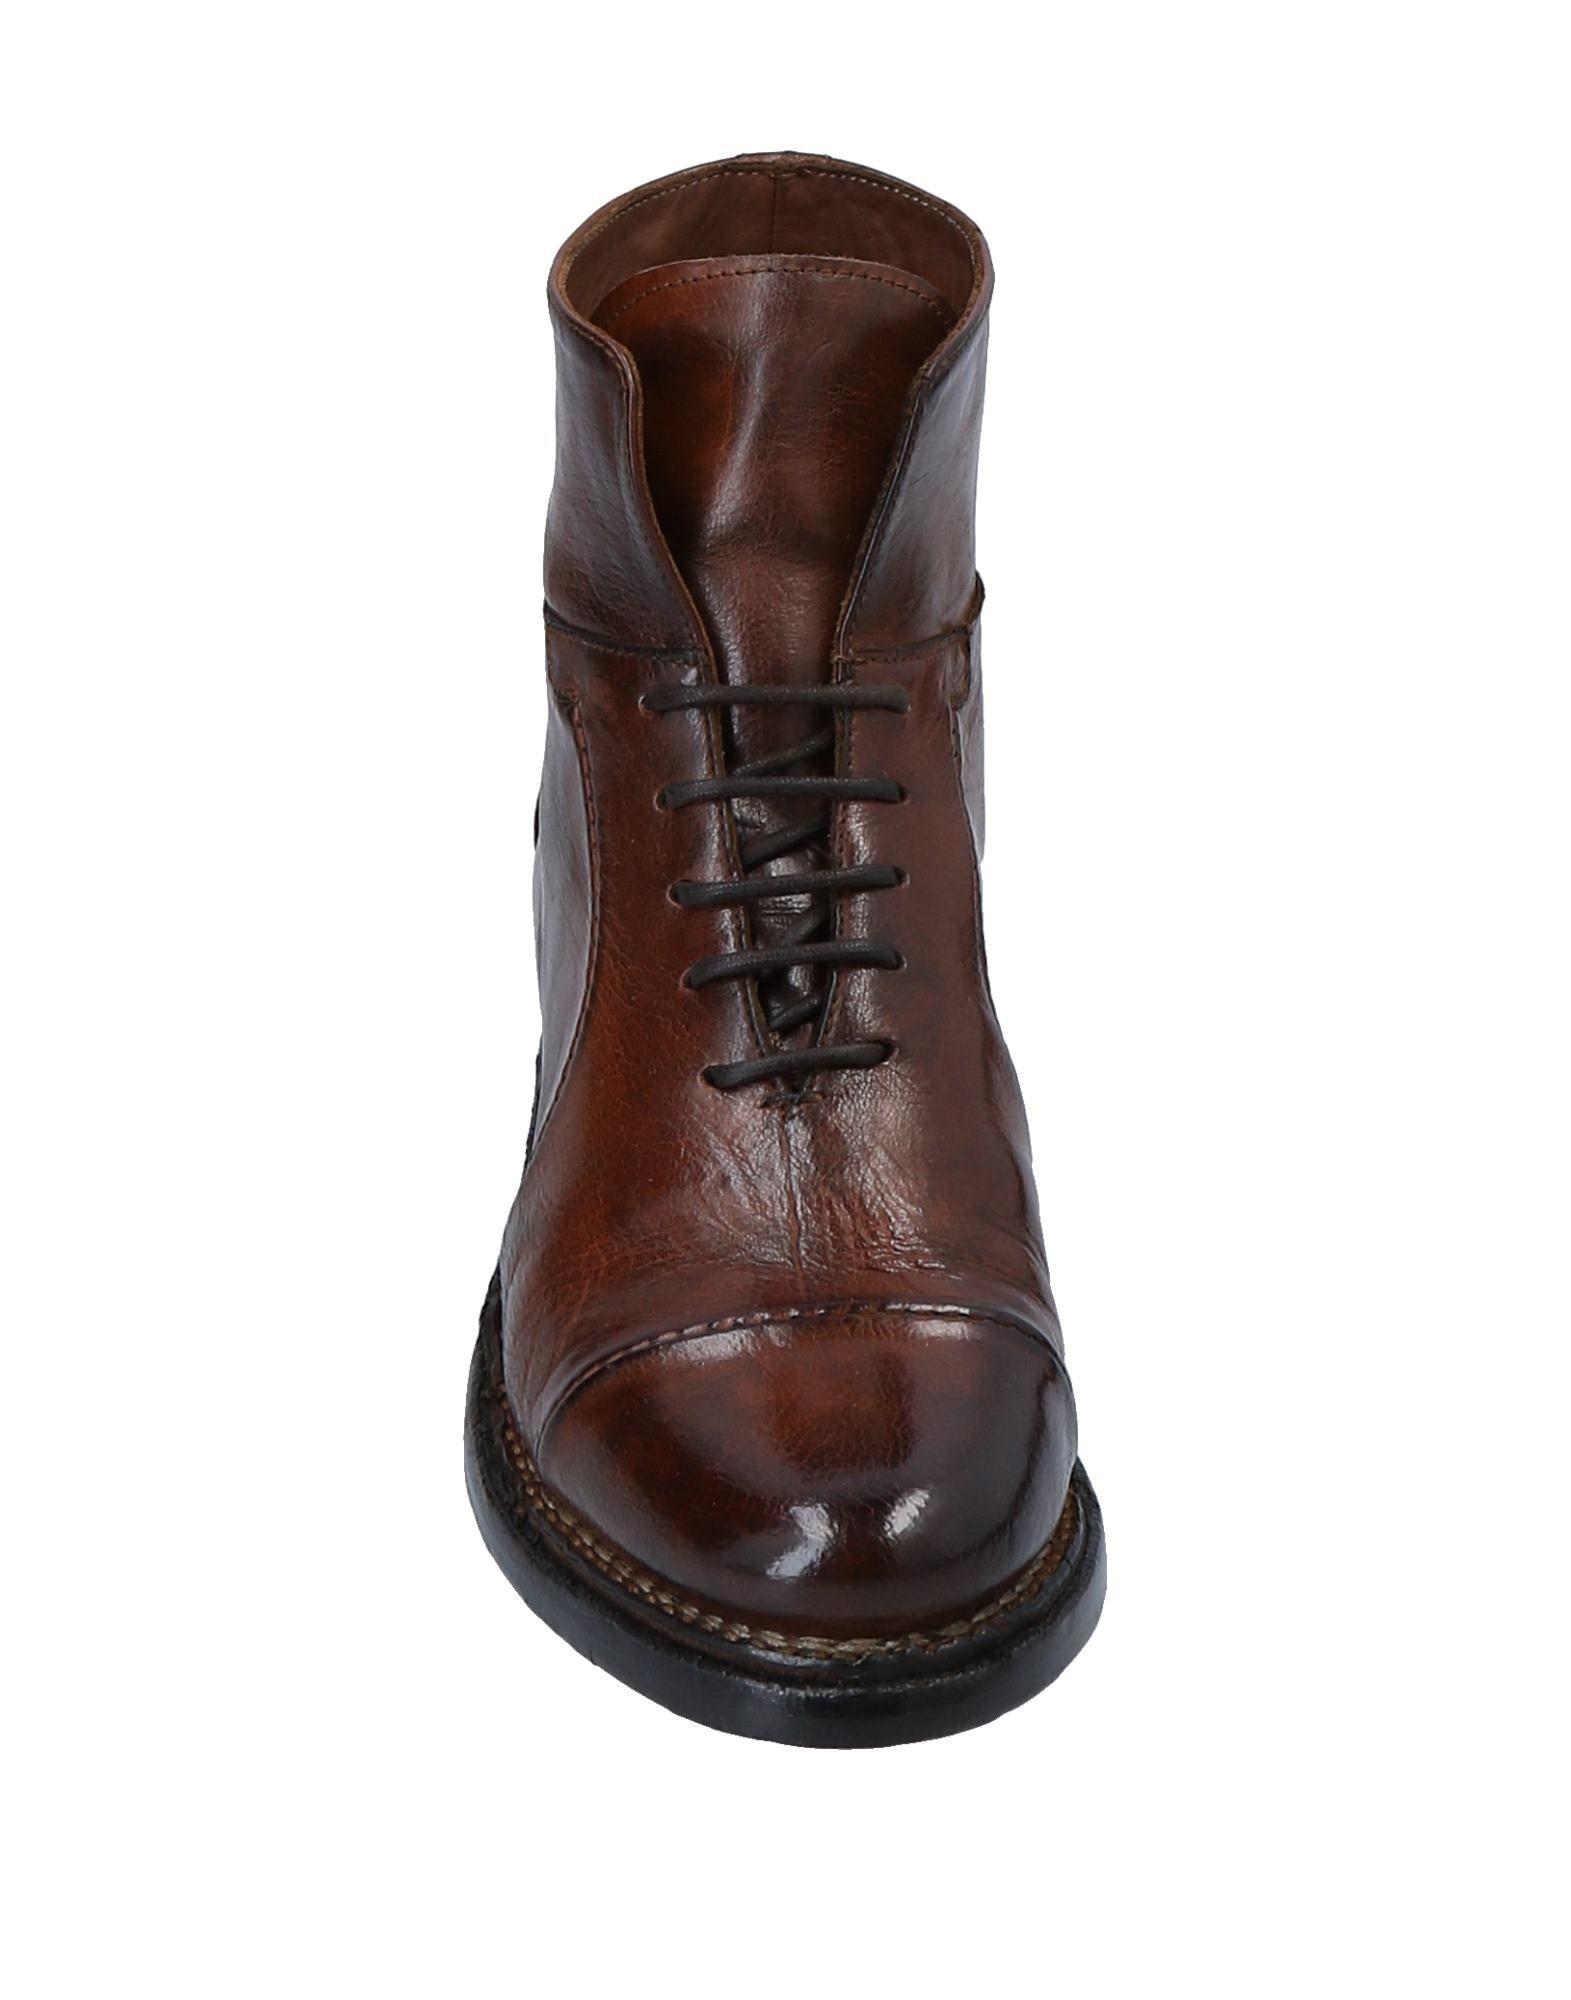 Silvano Sassetti Stiefelette Damen Schuhe  11547244NIGünstige gut aussehende Schuhe Damen 309f84